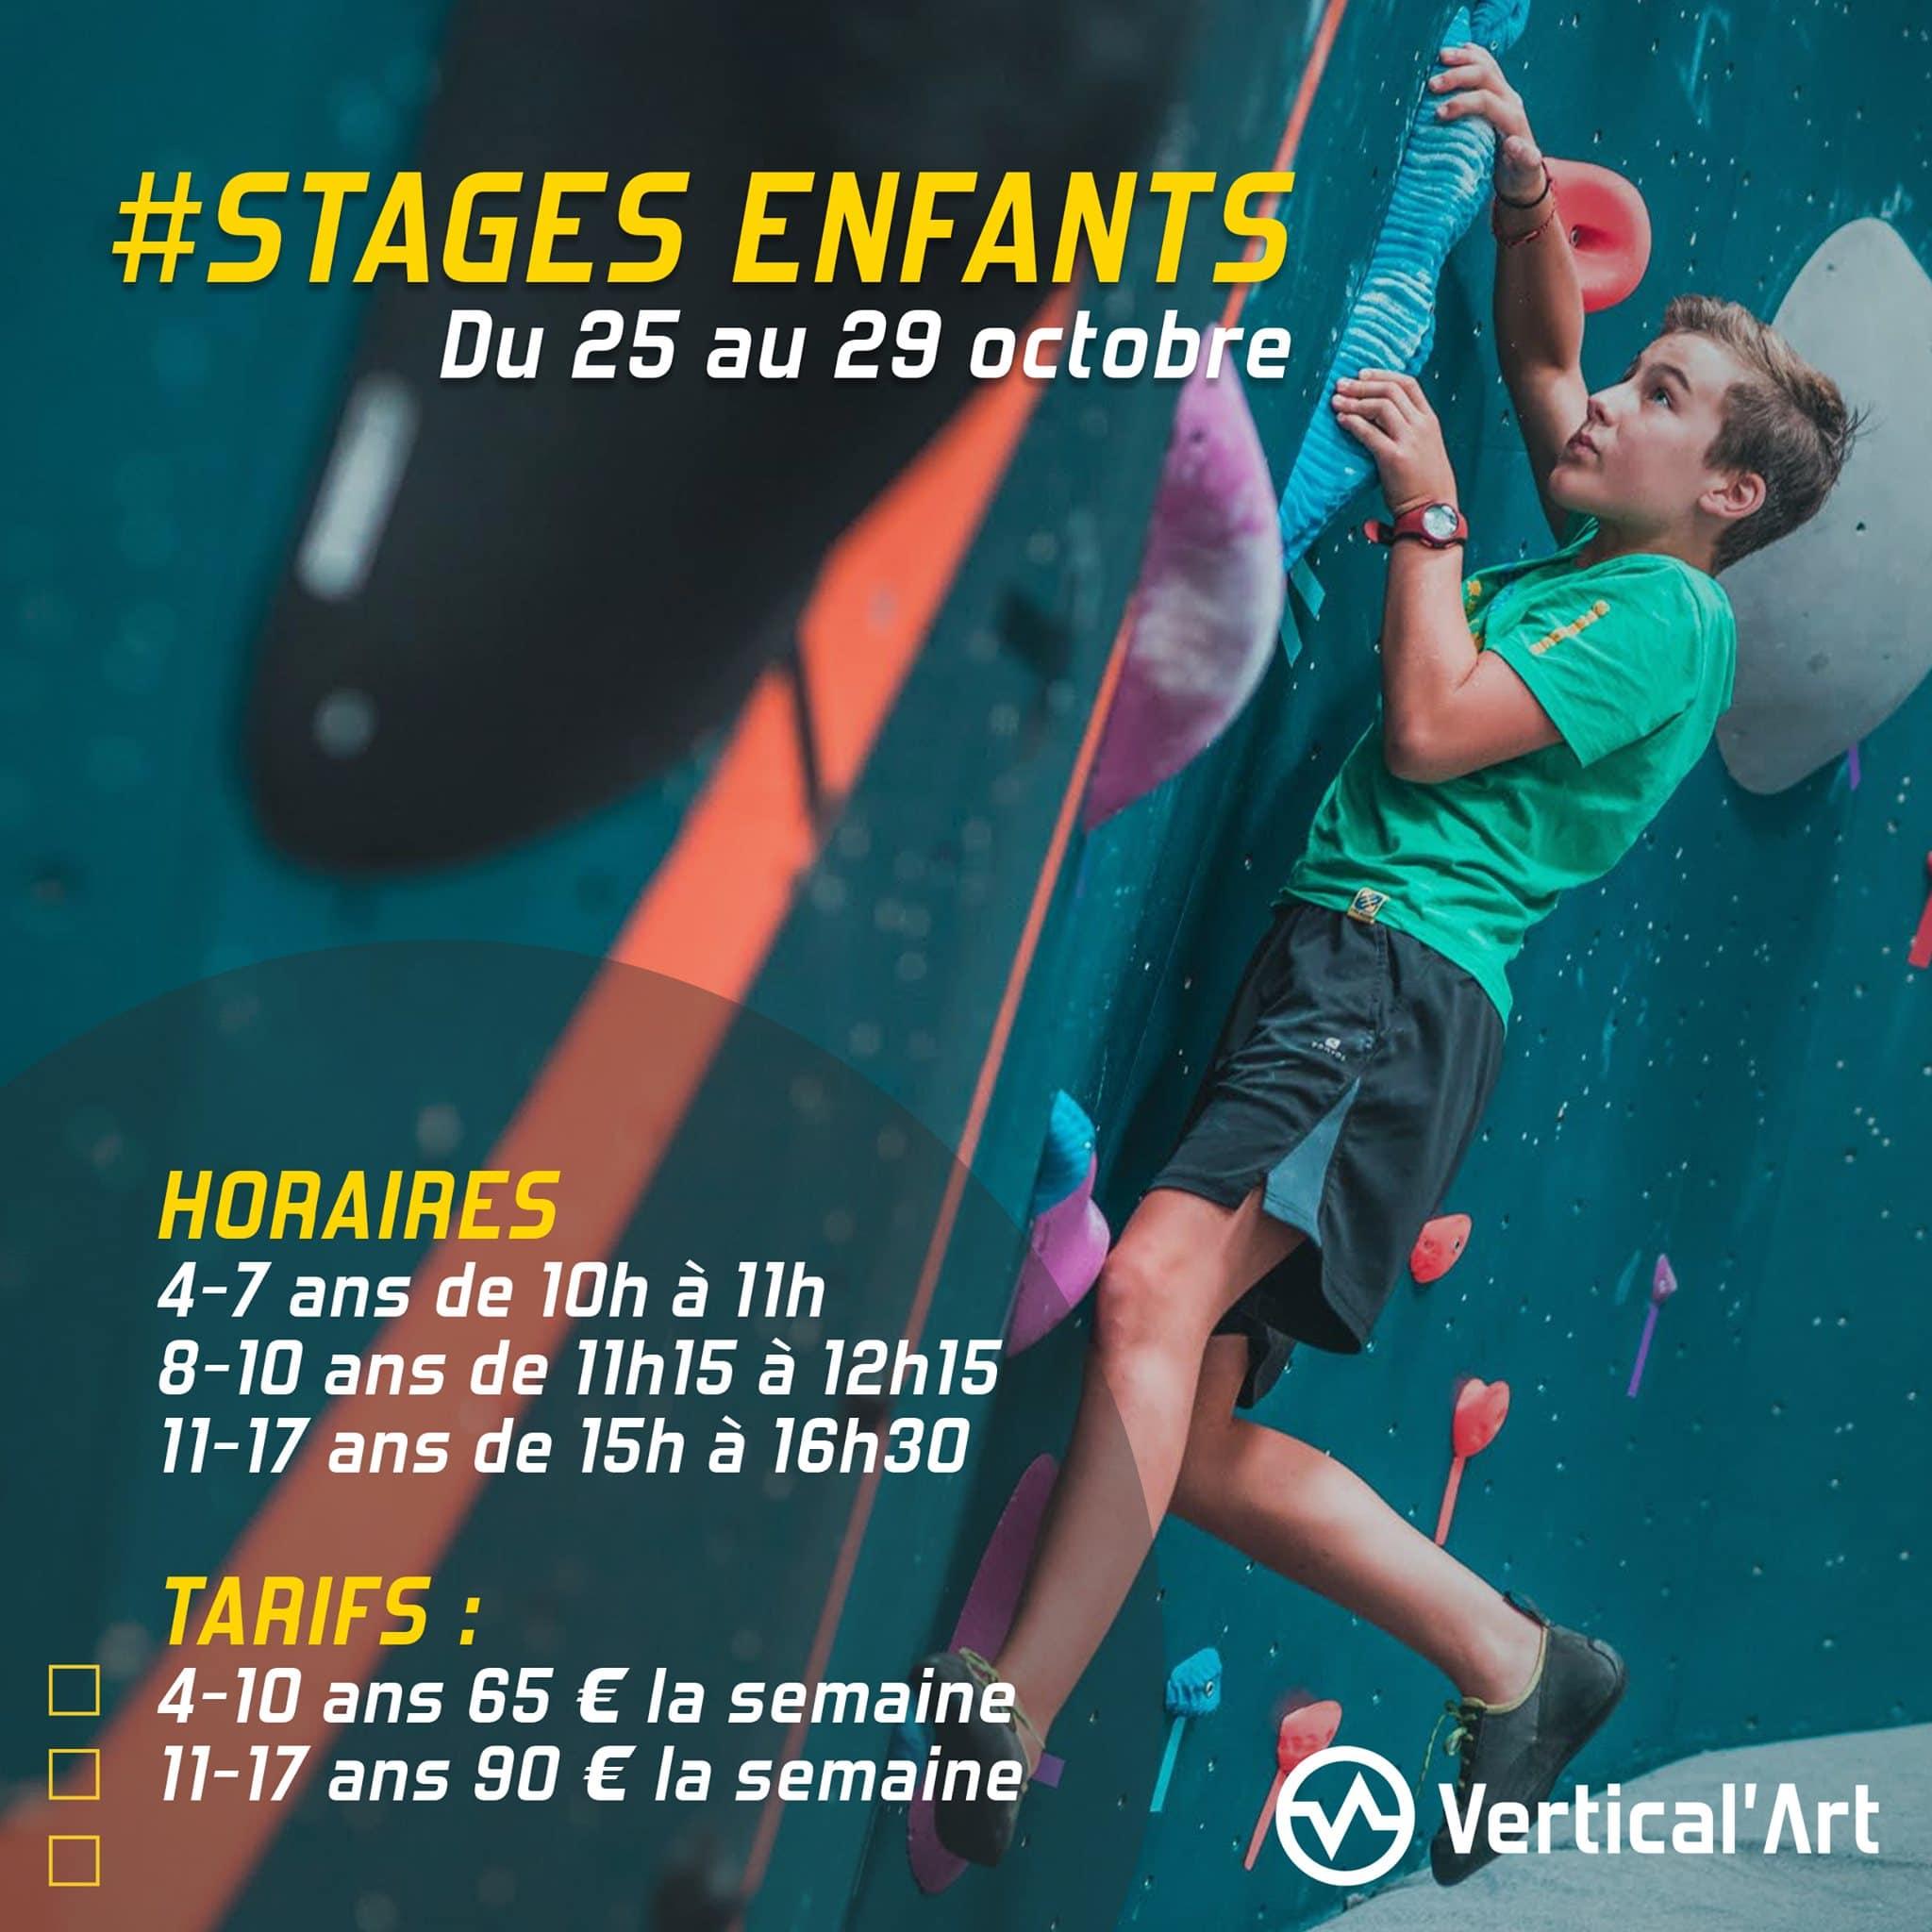 Stages enfants vacances de la Toussaint à Vertical'Art Rungis du 25 au 29 octobre, inscriptions ouvertes